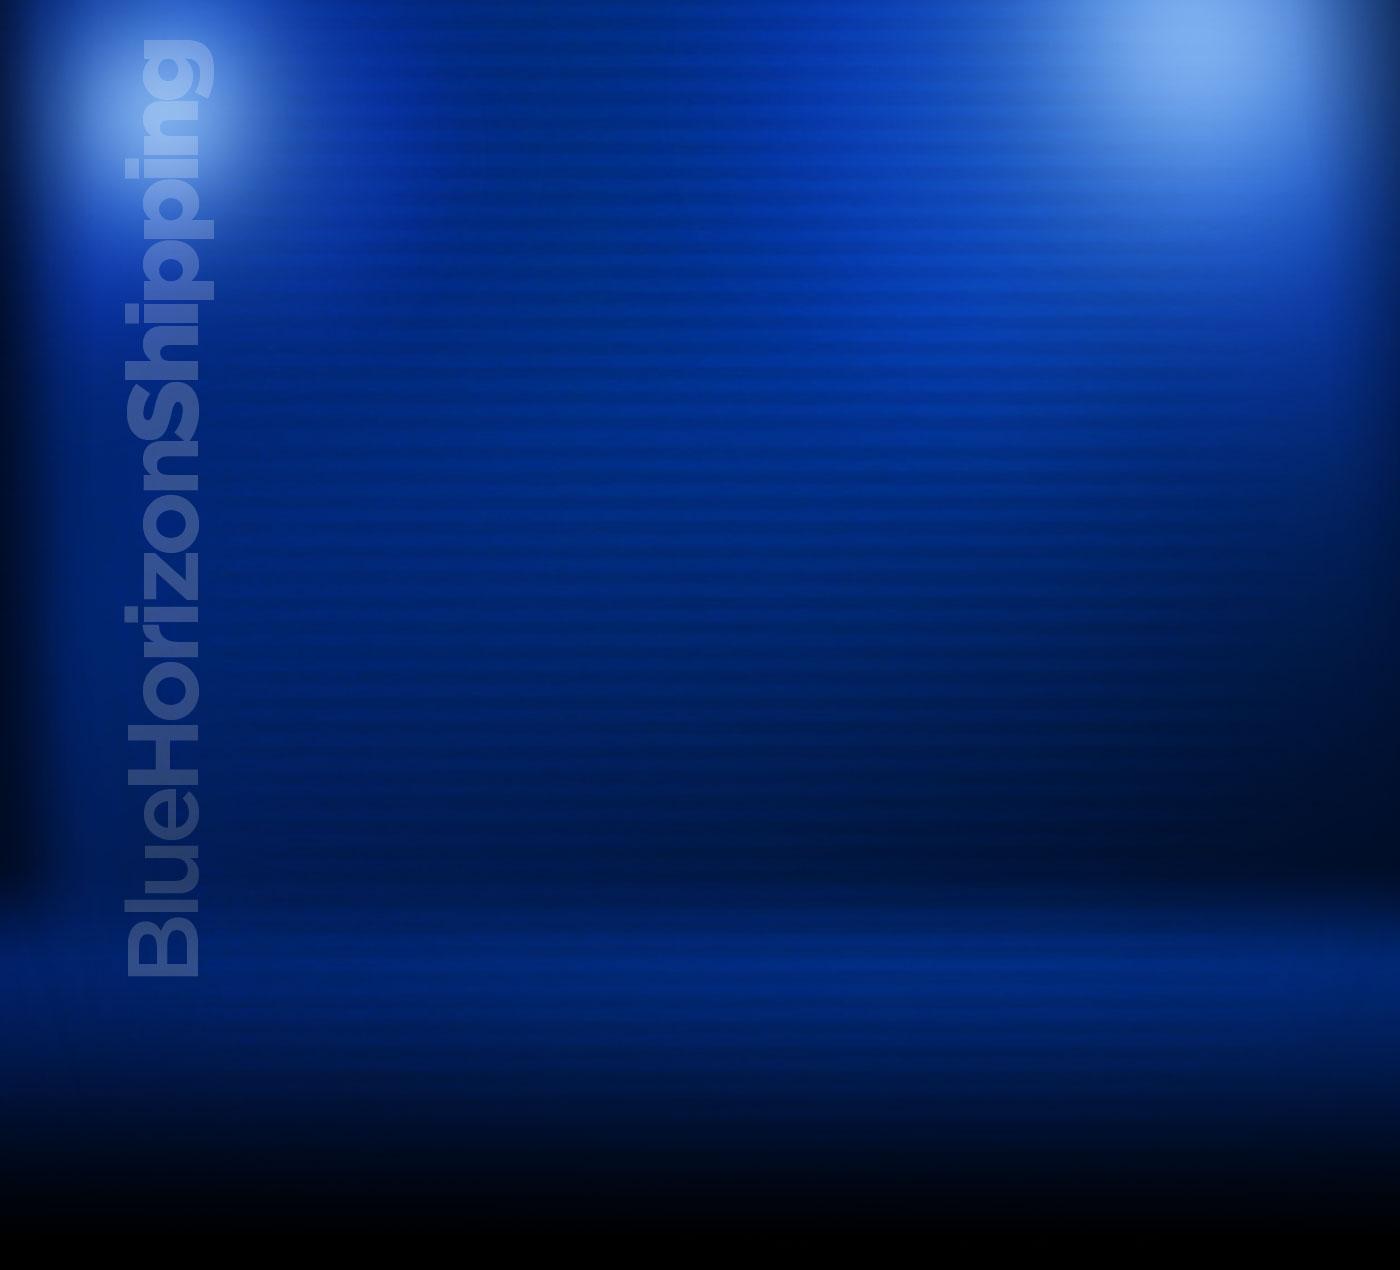 Blue Horizon Shipping Background